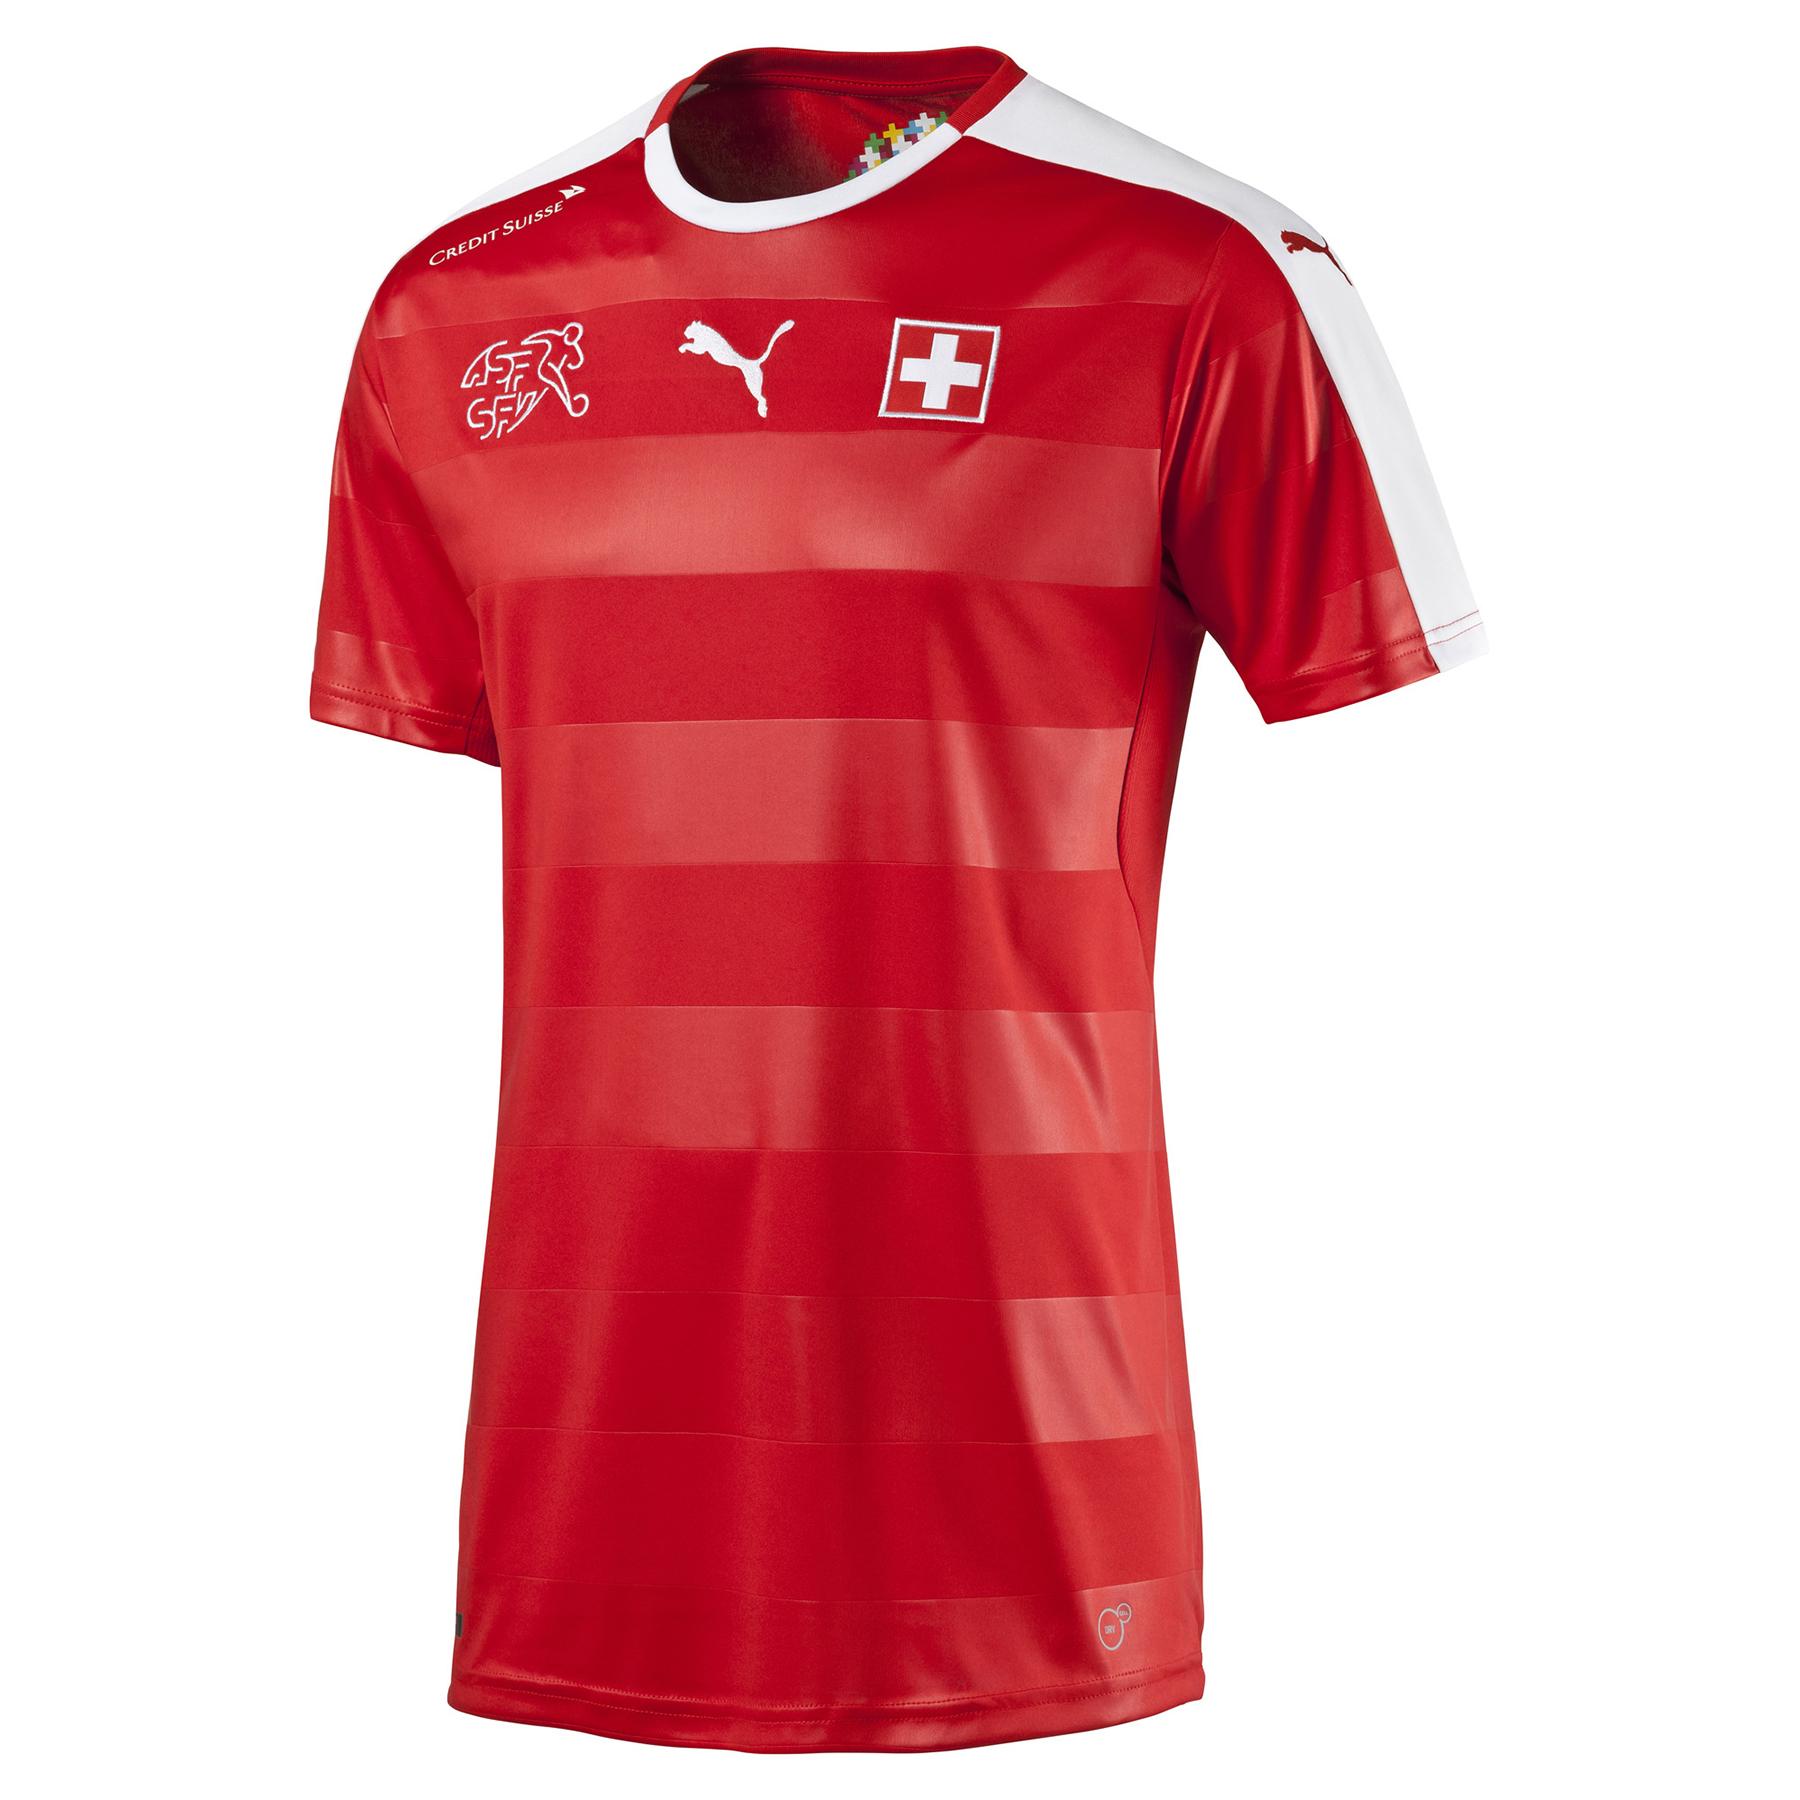 Switzerland Home Shirt 2016 Red